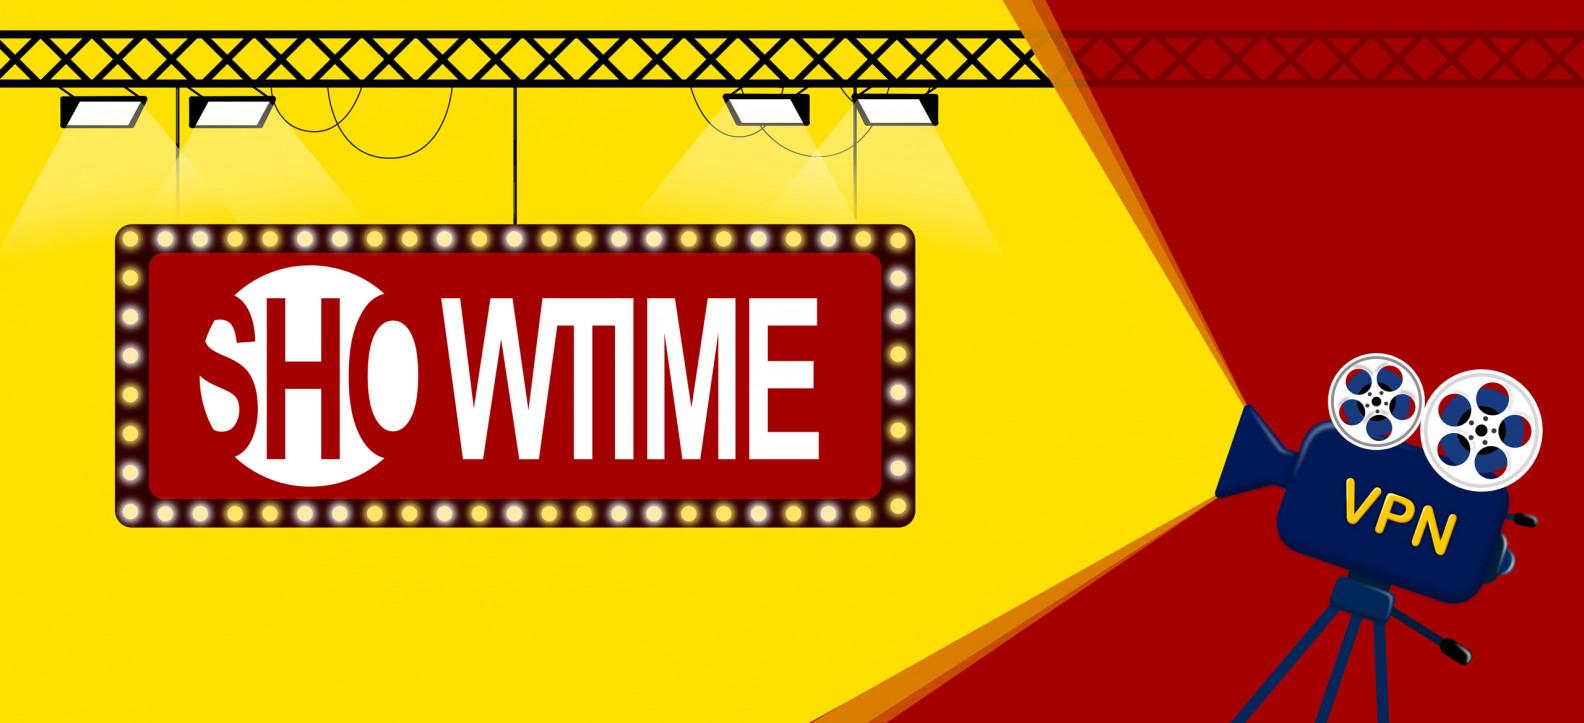 Hoe kun je Showtime in Nederland krijgen?